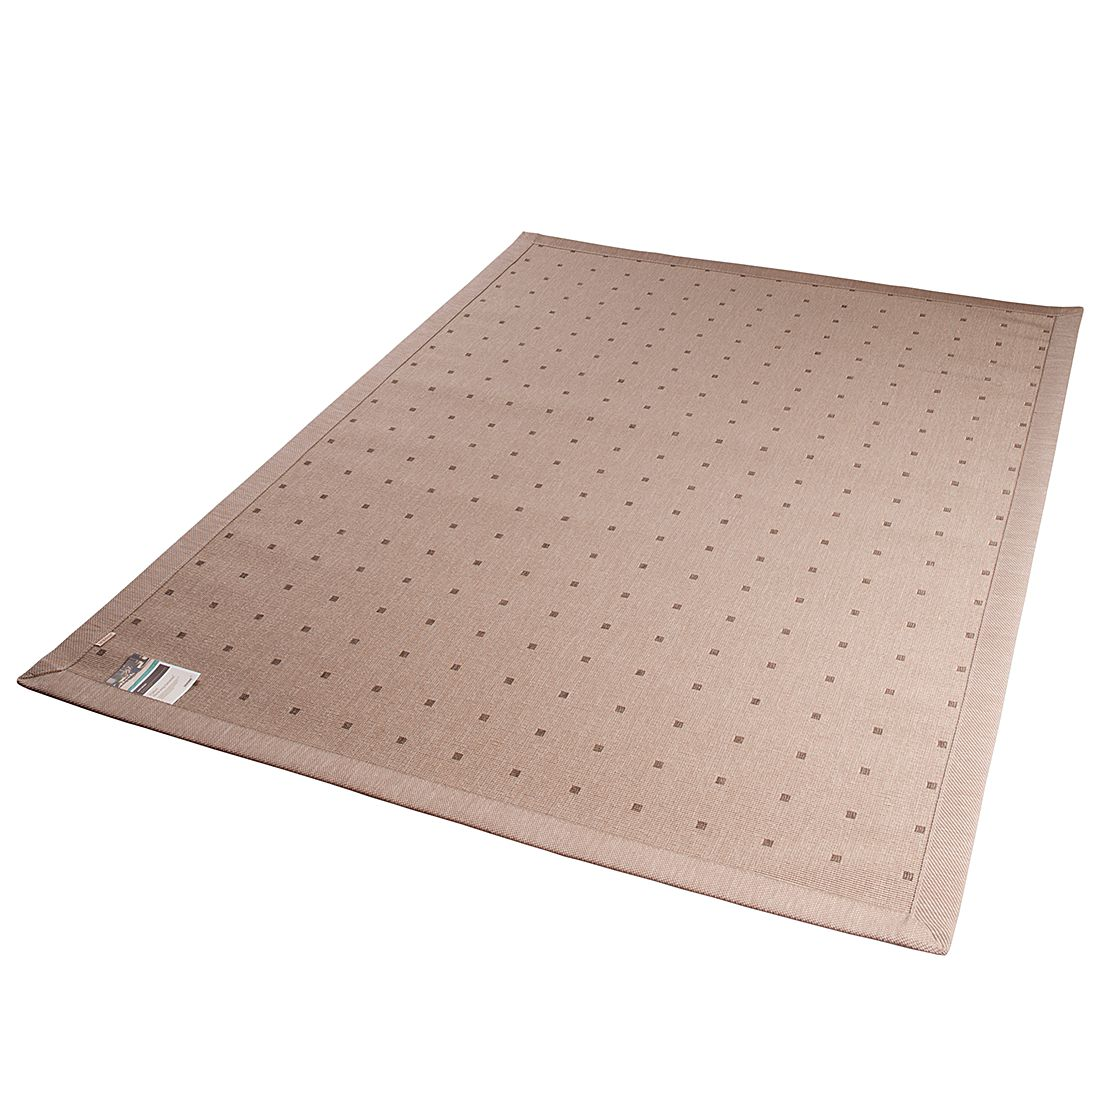 In-/Outdoorteppich Naturino Classic Quadrate – Havanna – 80 x 250 cm, DEKOWE kaufen